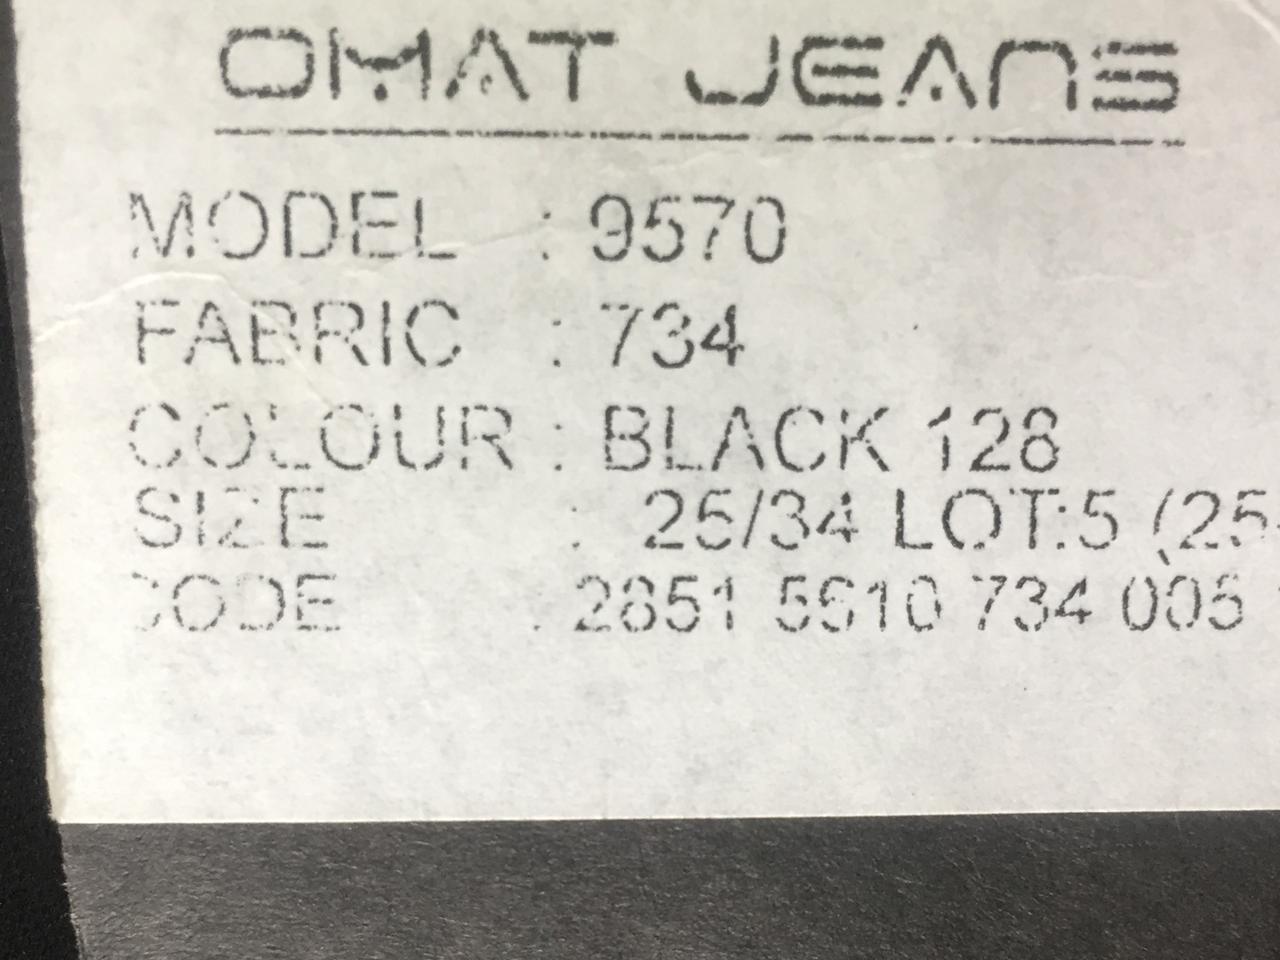 4bb295399f5 Стрейчевые чёрные джинсы Омат 9570